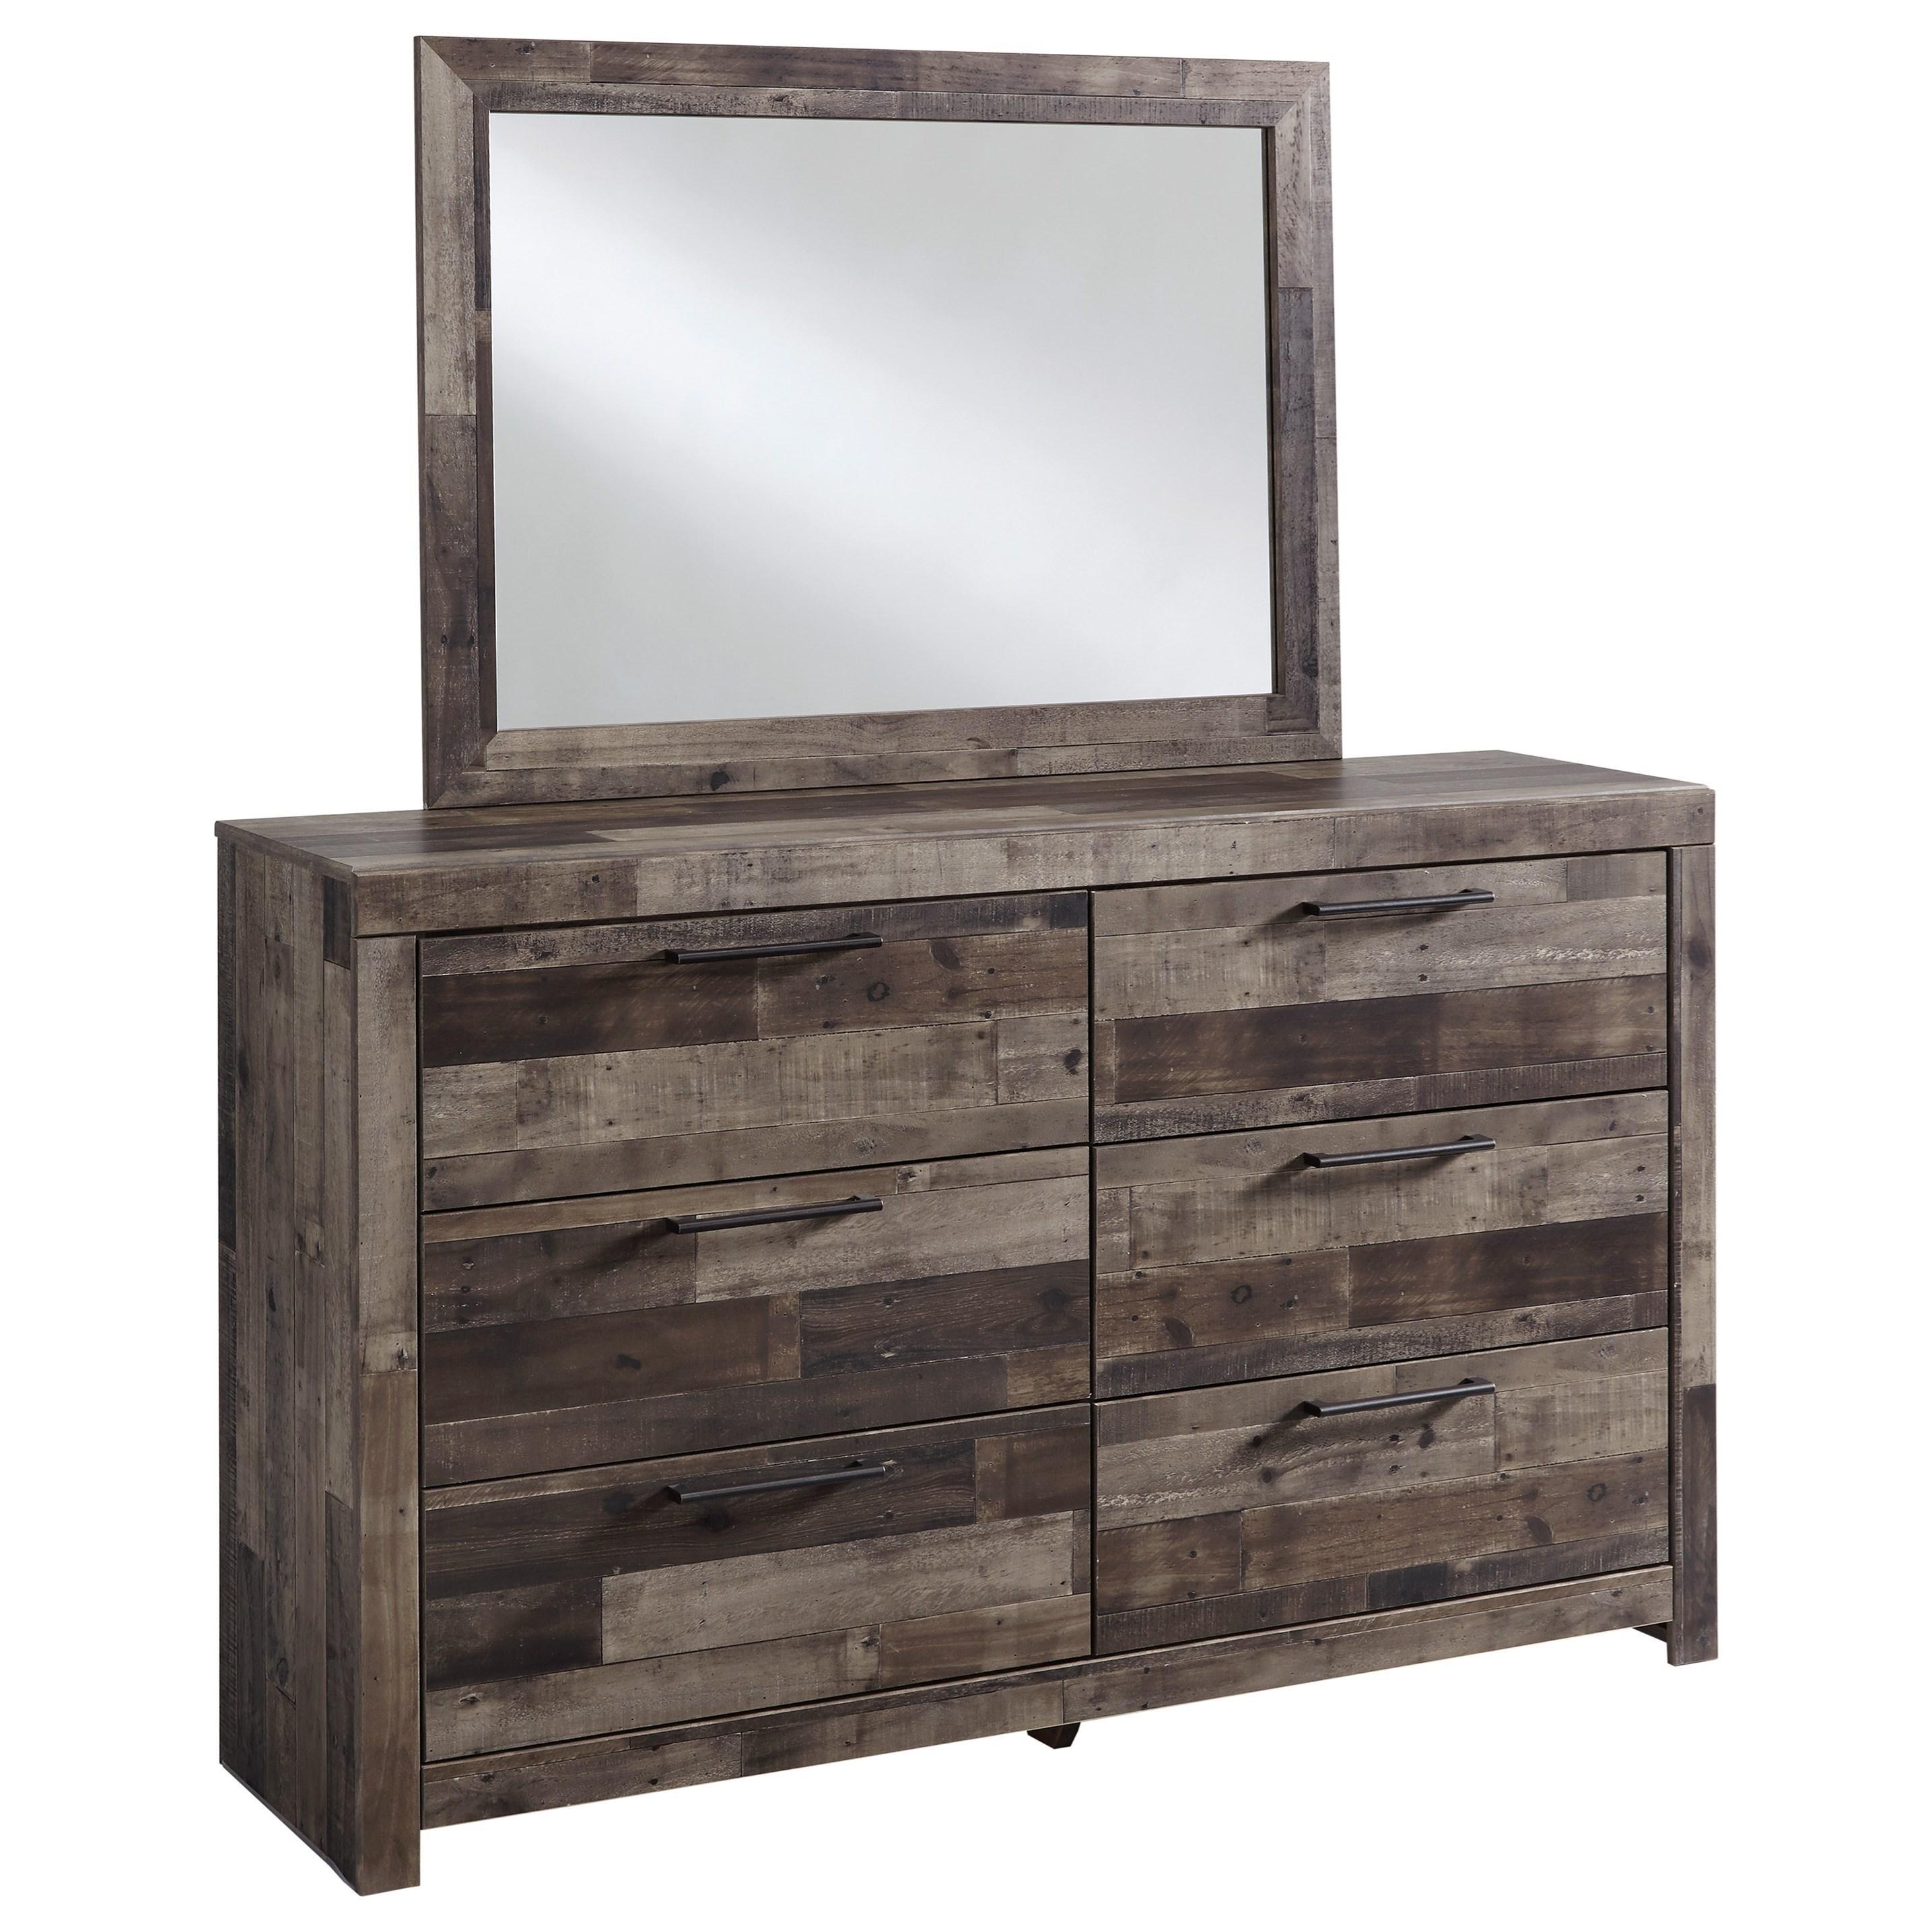 Derekson Dresser & Bedroom Mirror by Benchcraft at Walker's Furniture